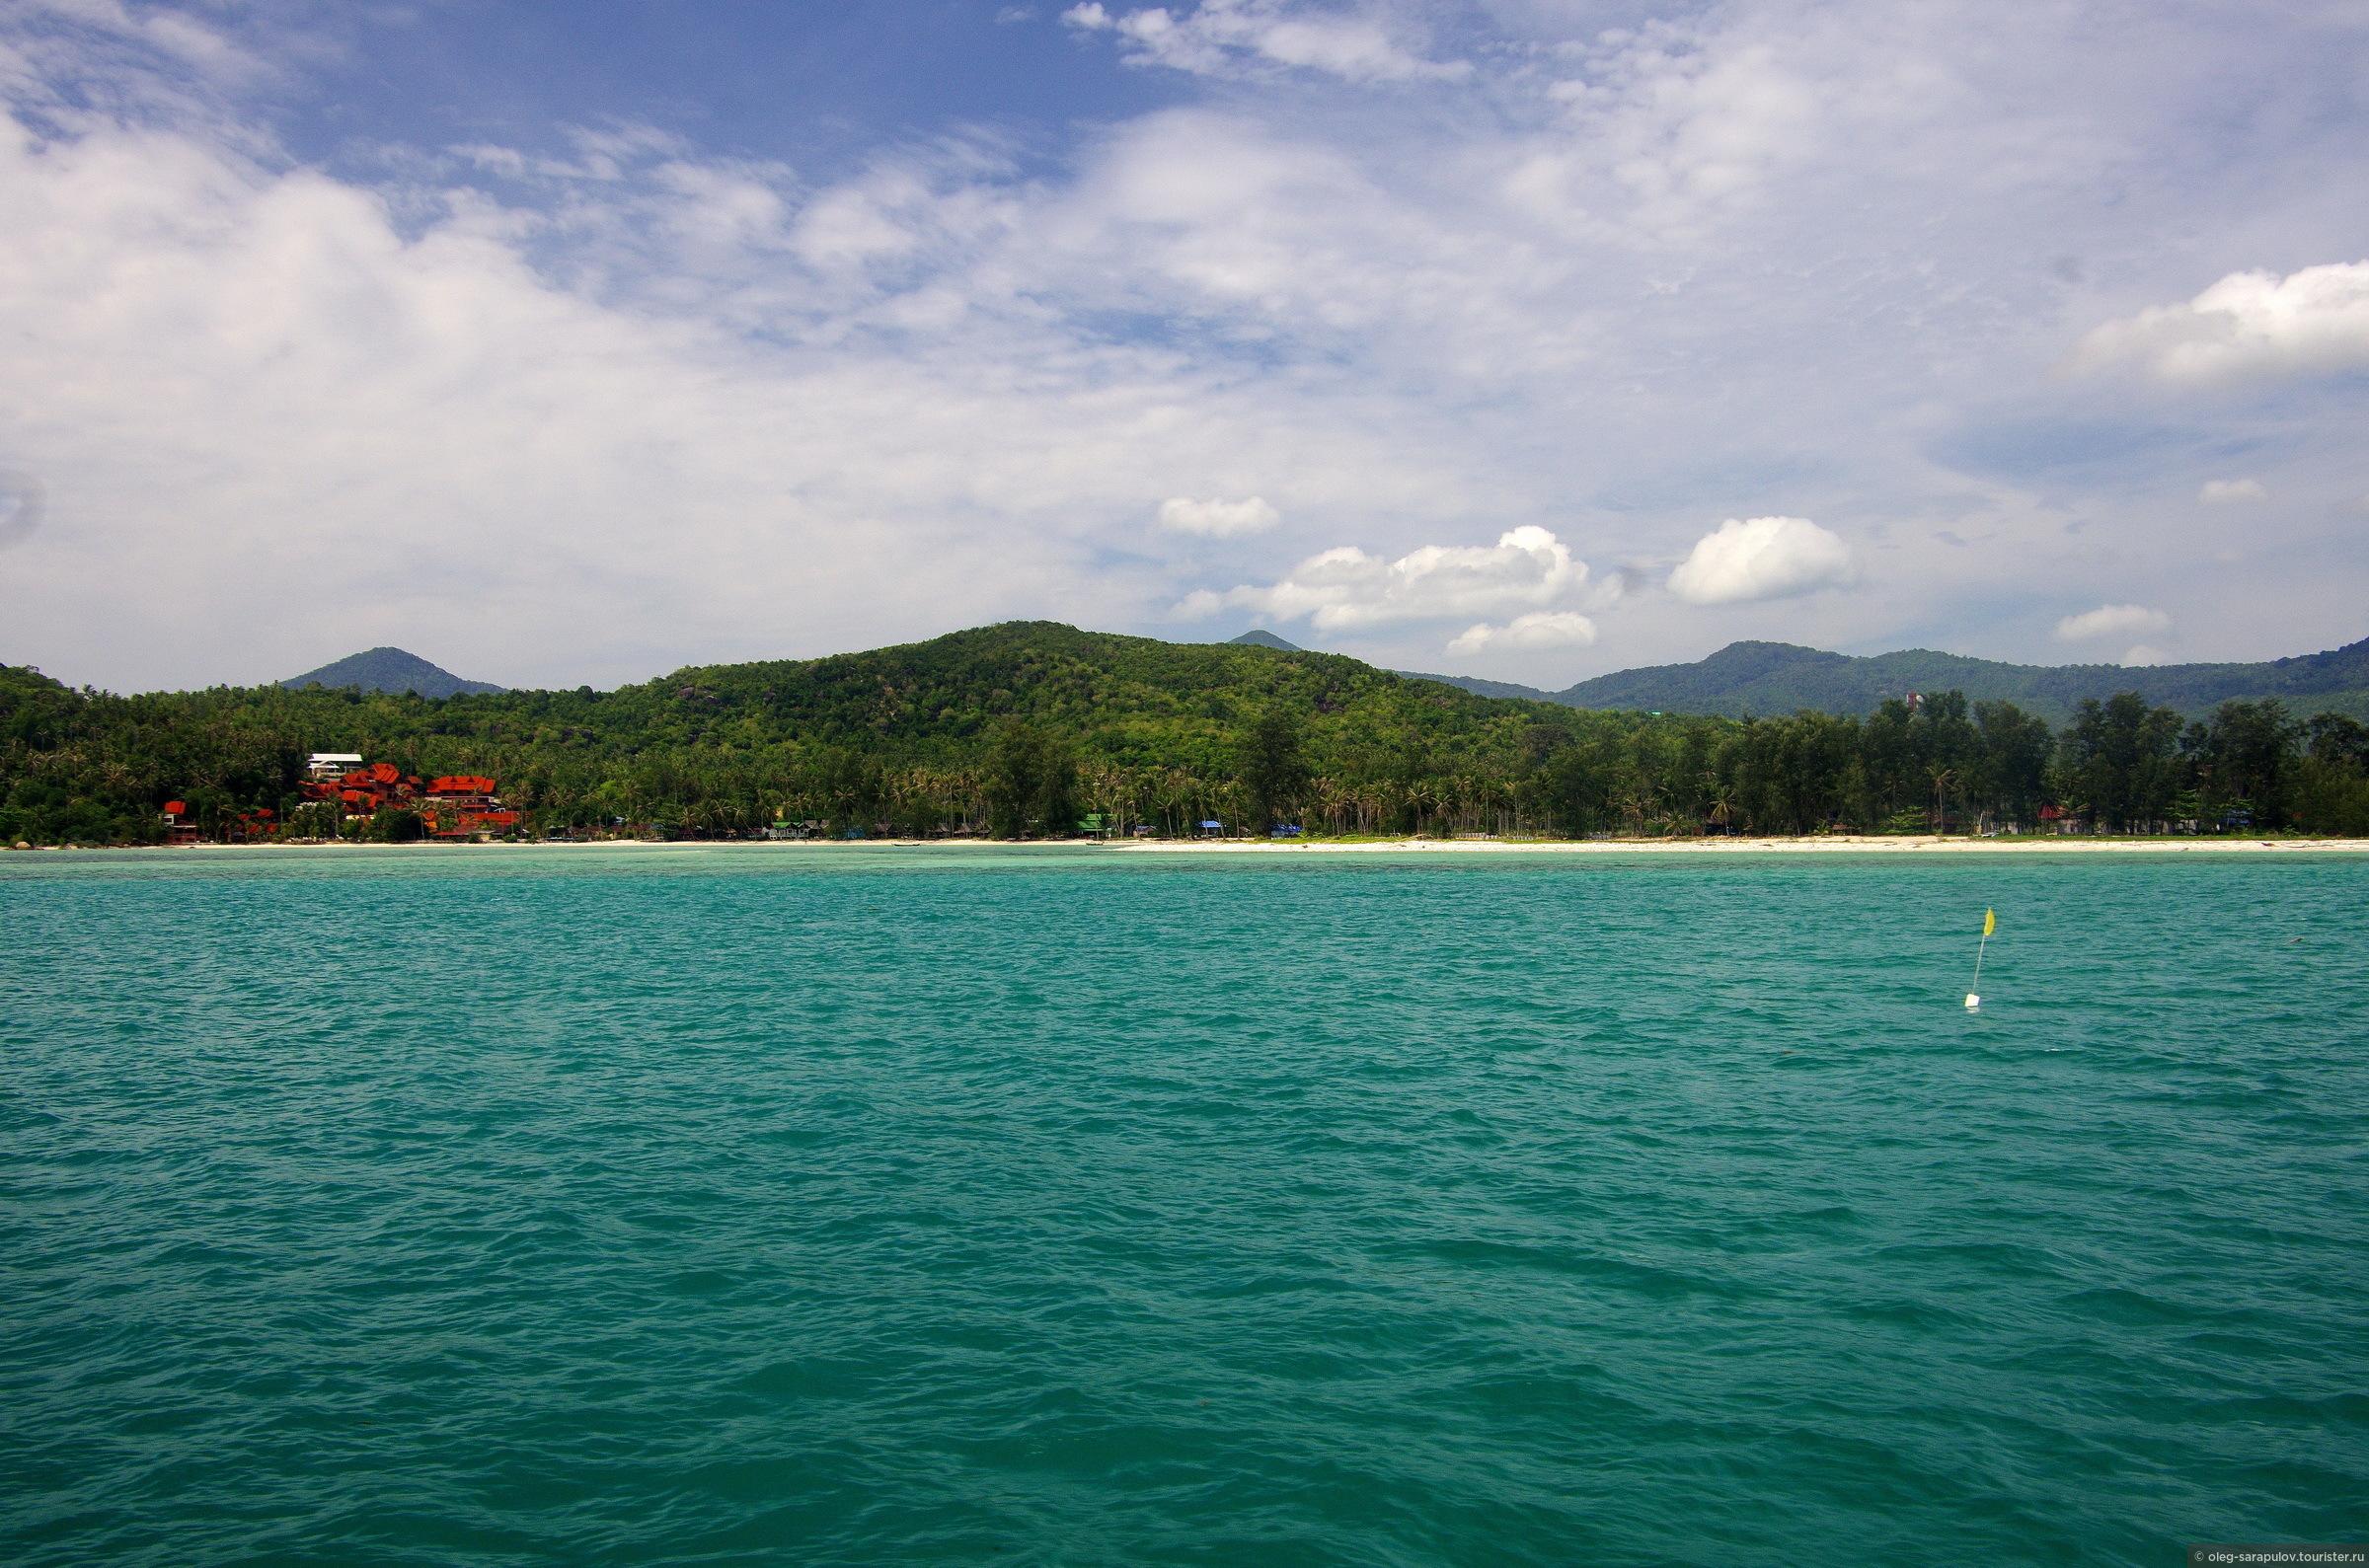 """Фото из альбома """"Koh Tao, Thailand"""", Ко Тао, Таиланд"""